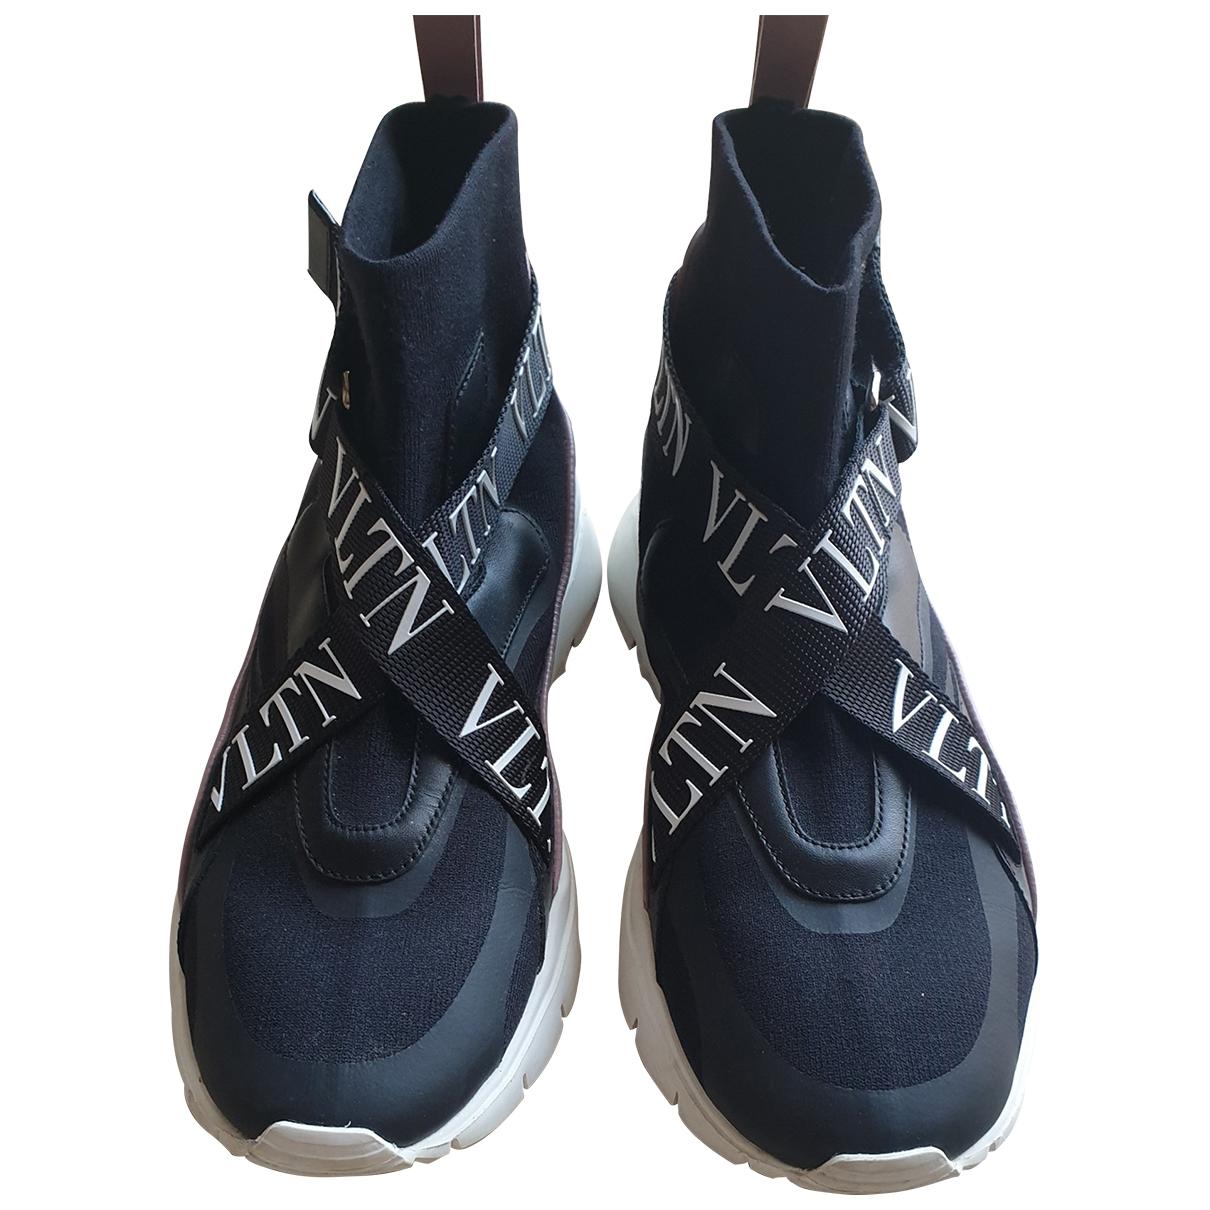 Valentino Garavani - Baskets Heroes VLTN pour femme en toile - noir